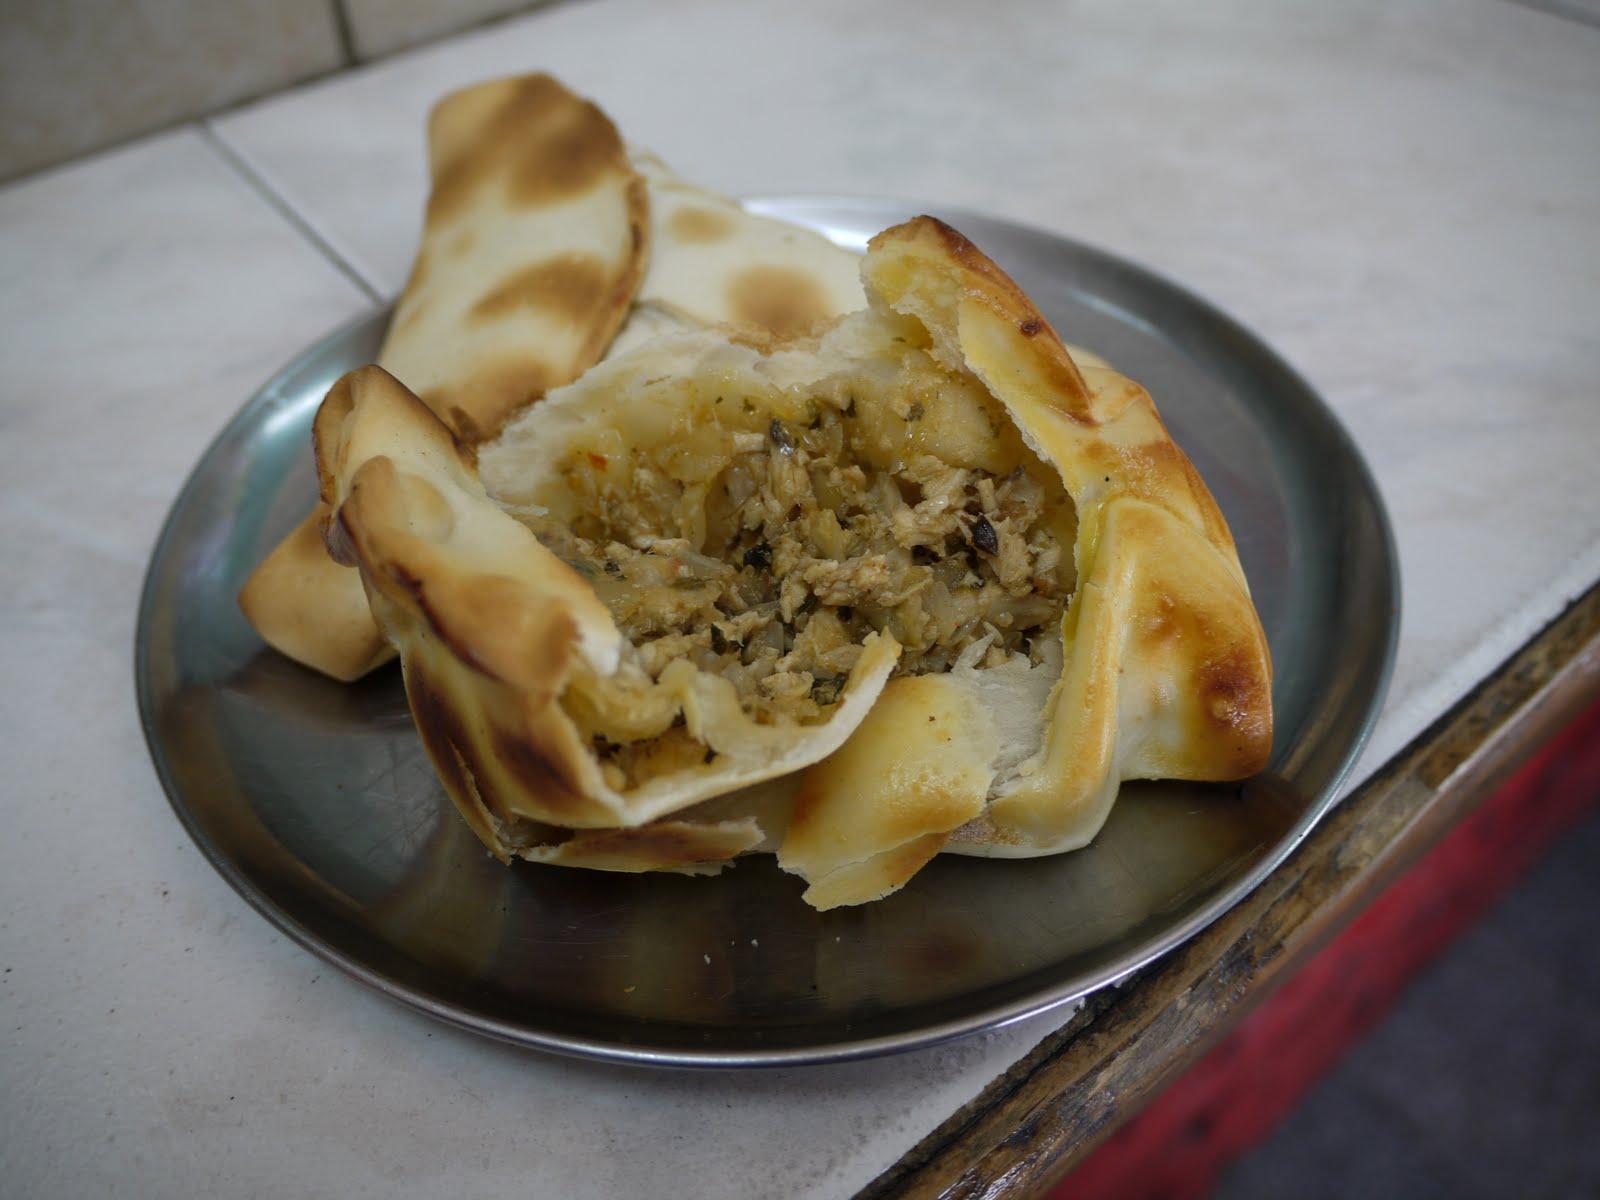 ... Buenos Aires,Argentina: Empanadas Porteñas, Get 'em While They're...